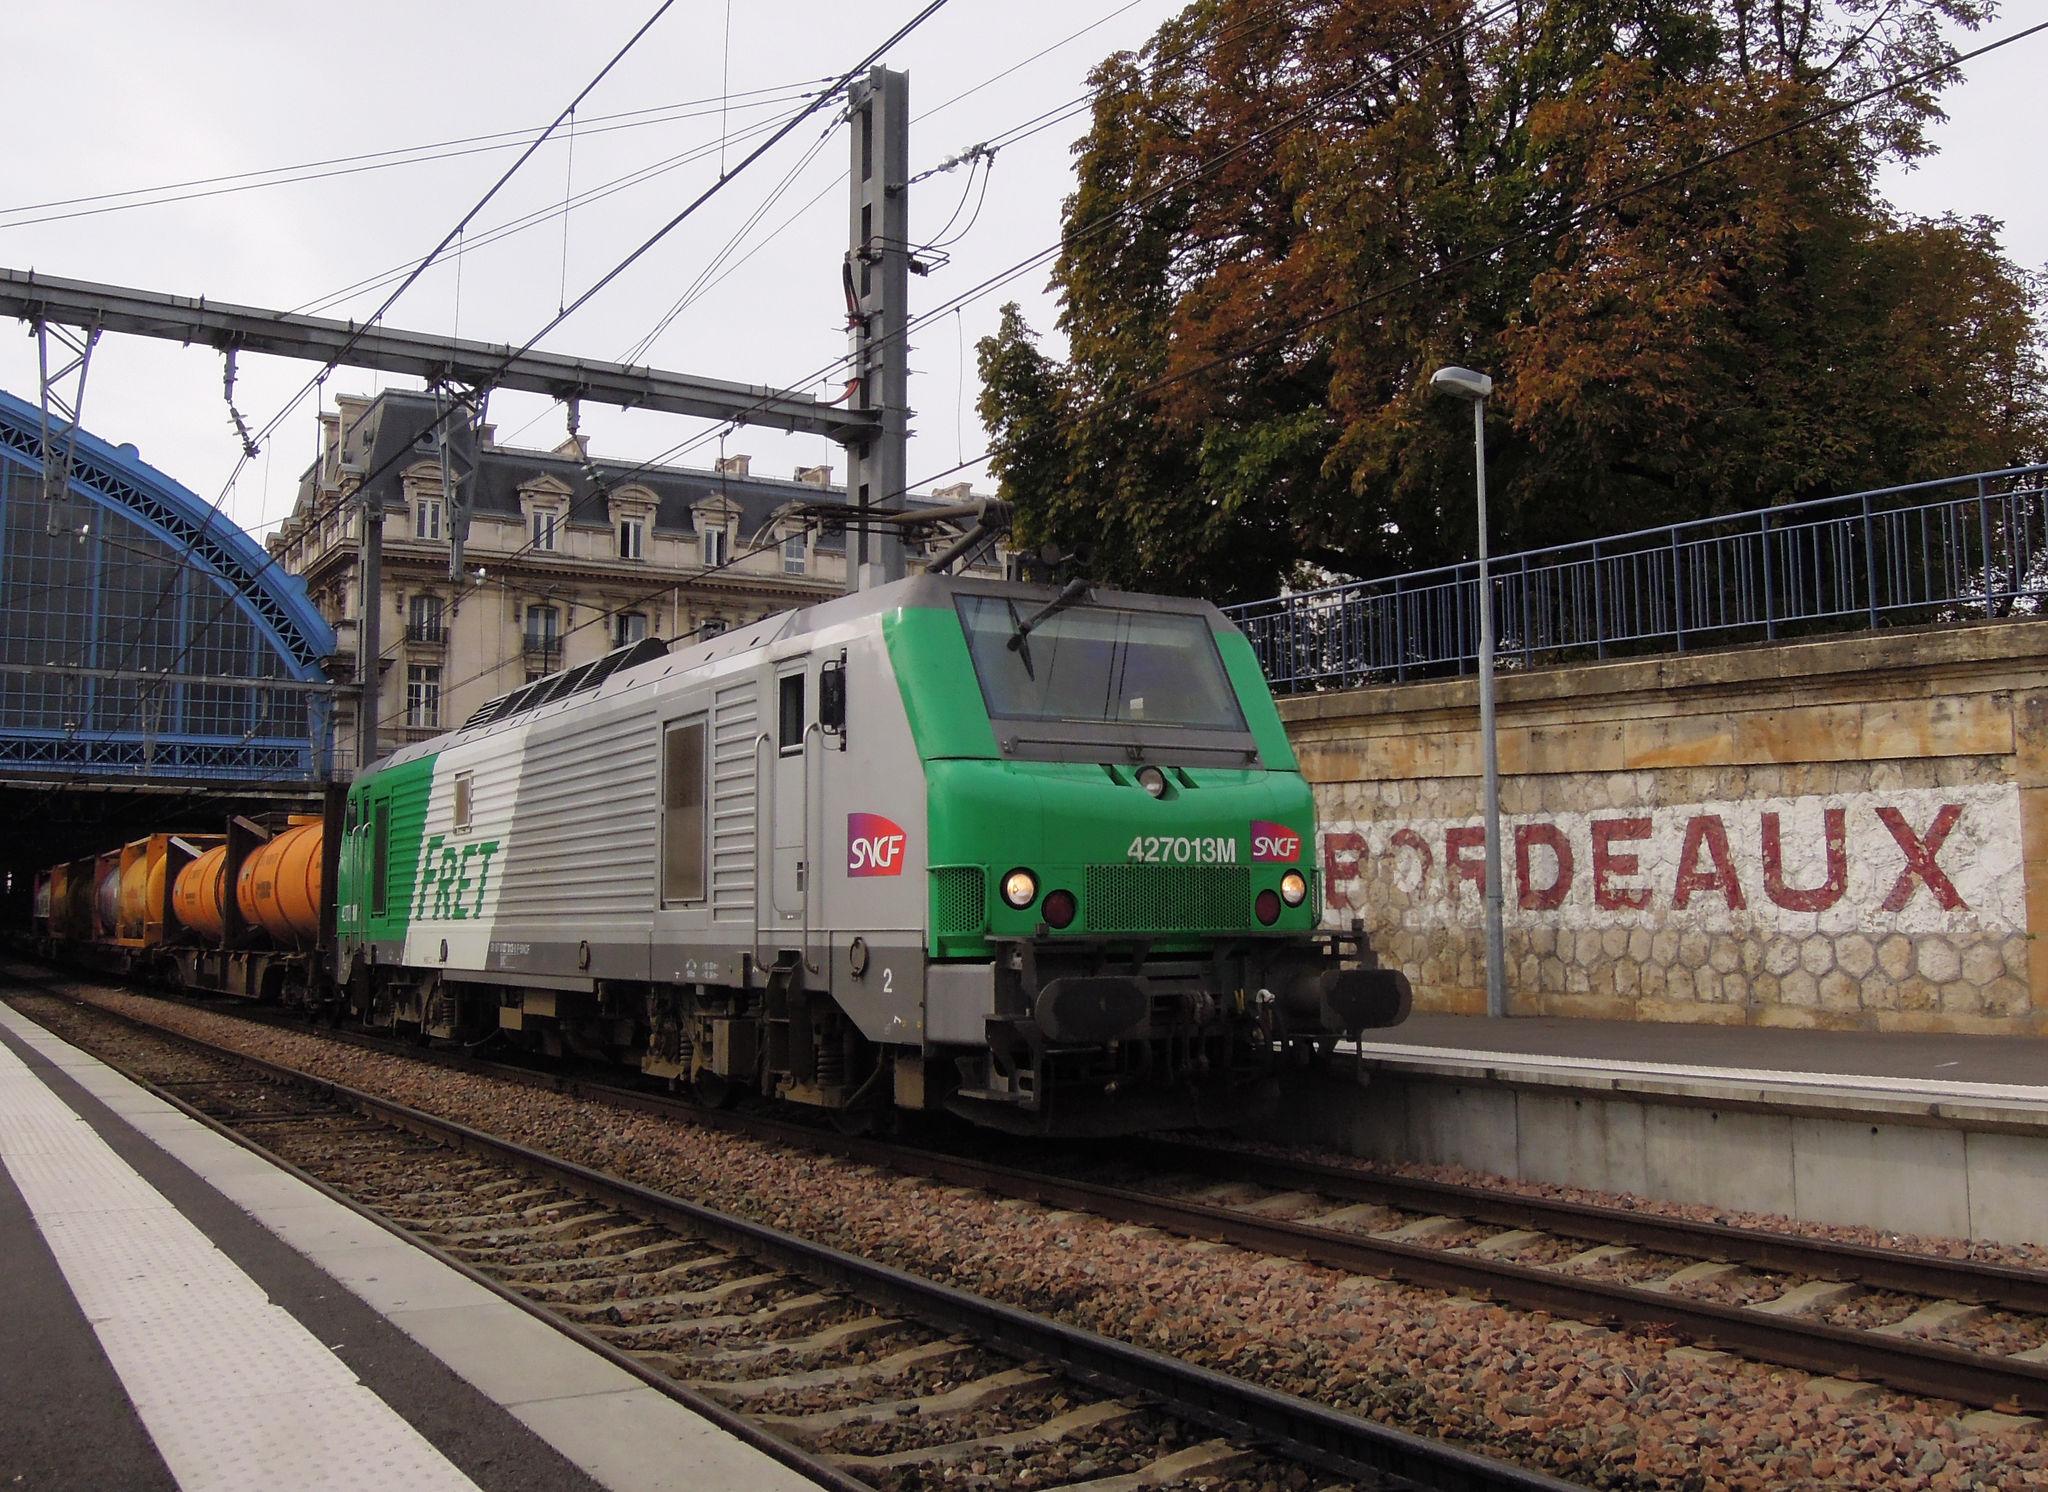 BB 27013 à ...Bordeaux!